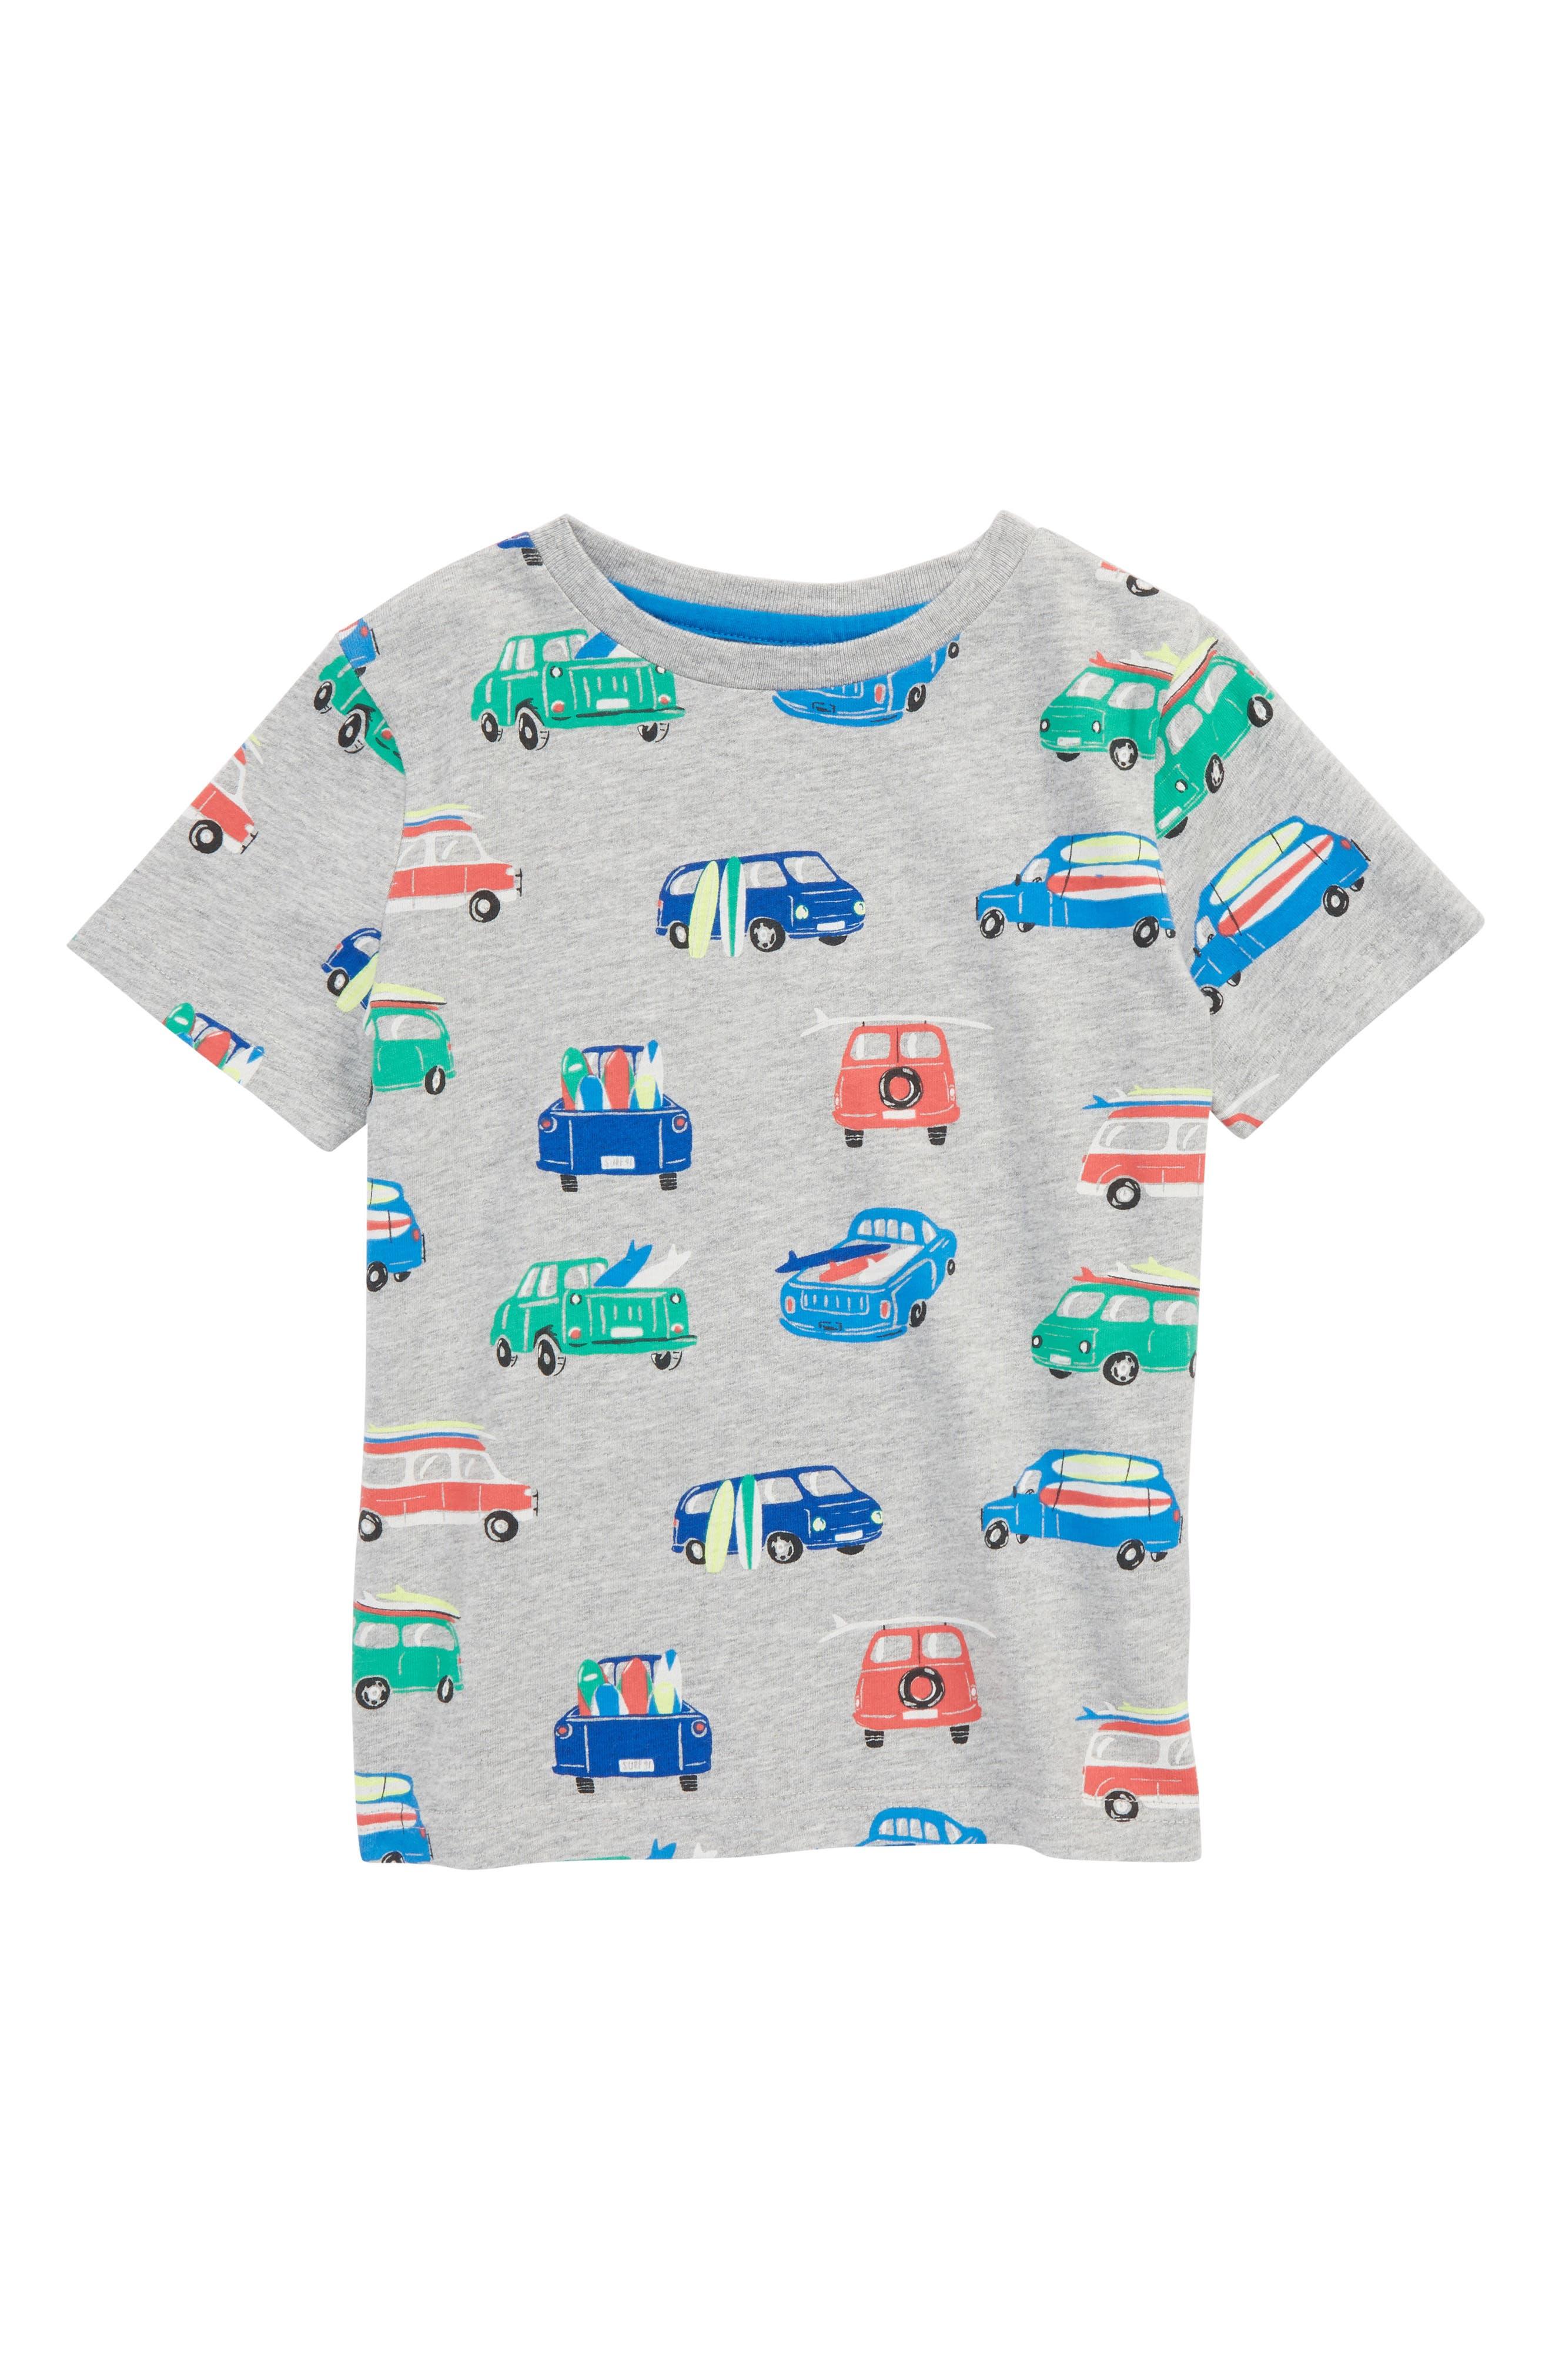 Surf Van T-Shirt,                             Main thumbnail 1, color,                             034